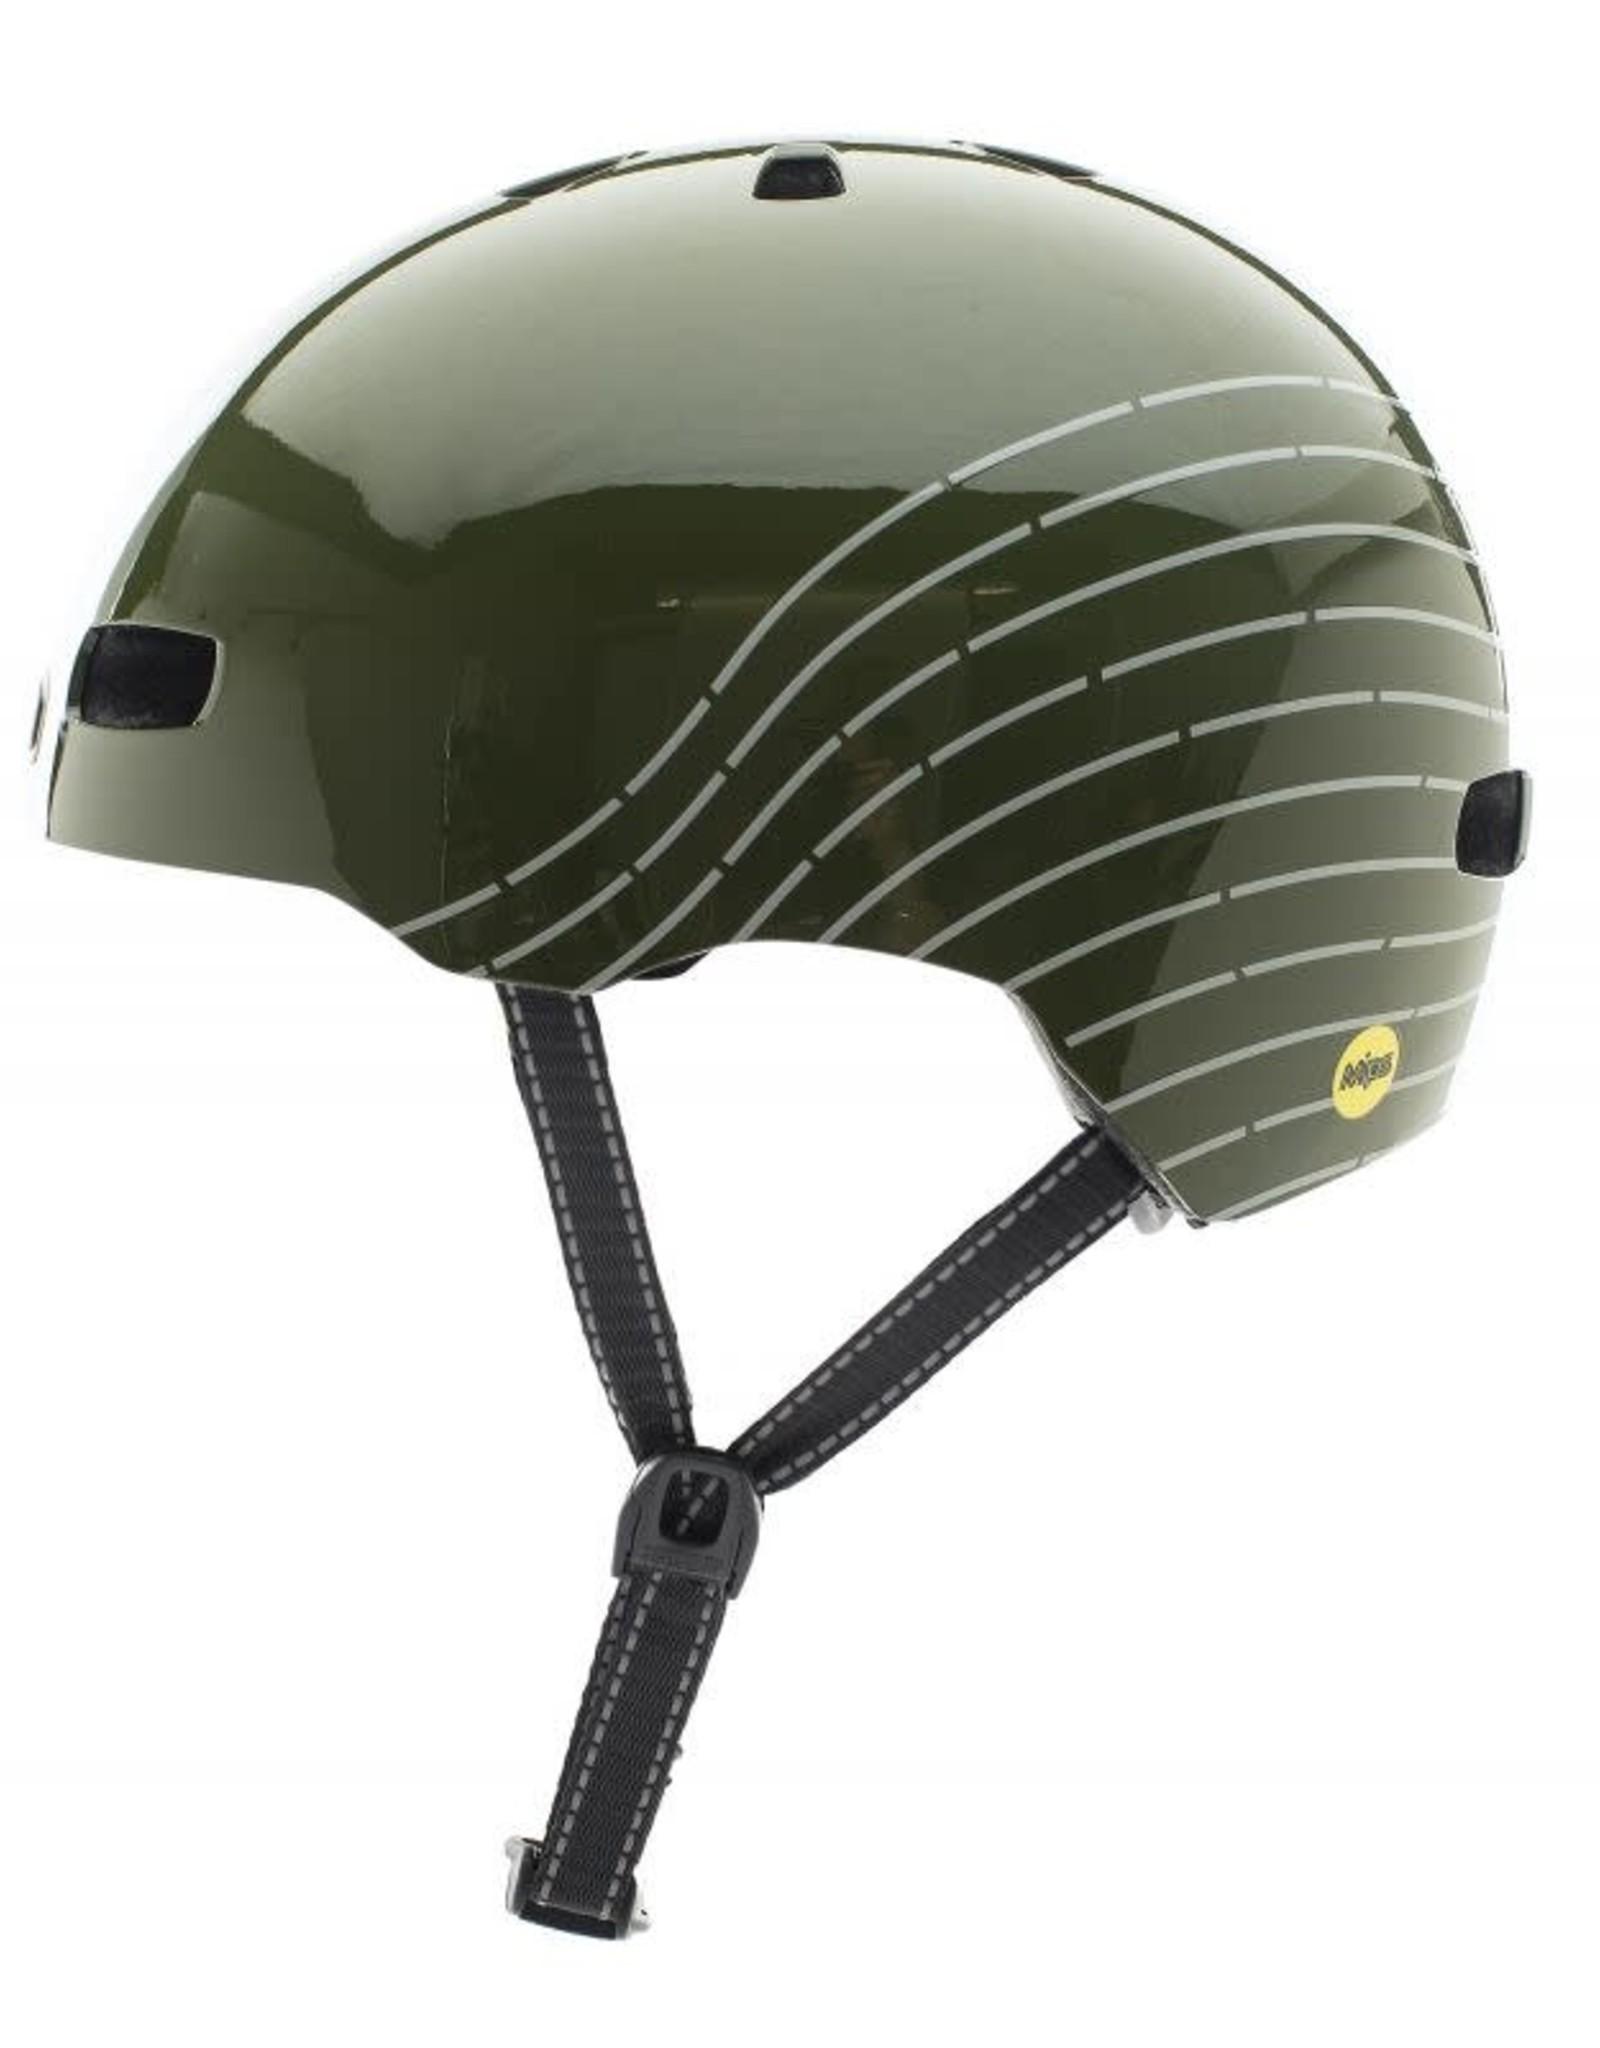 Nutcase Nutcase Dust for prints MIPS helmet L